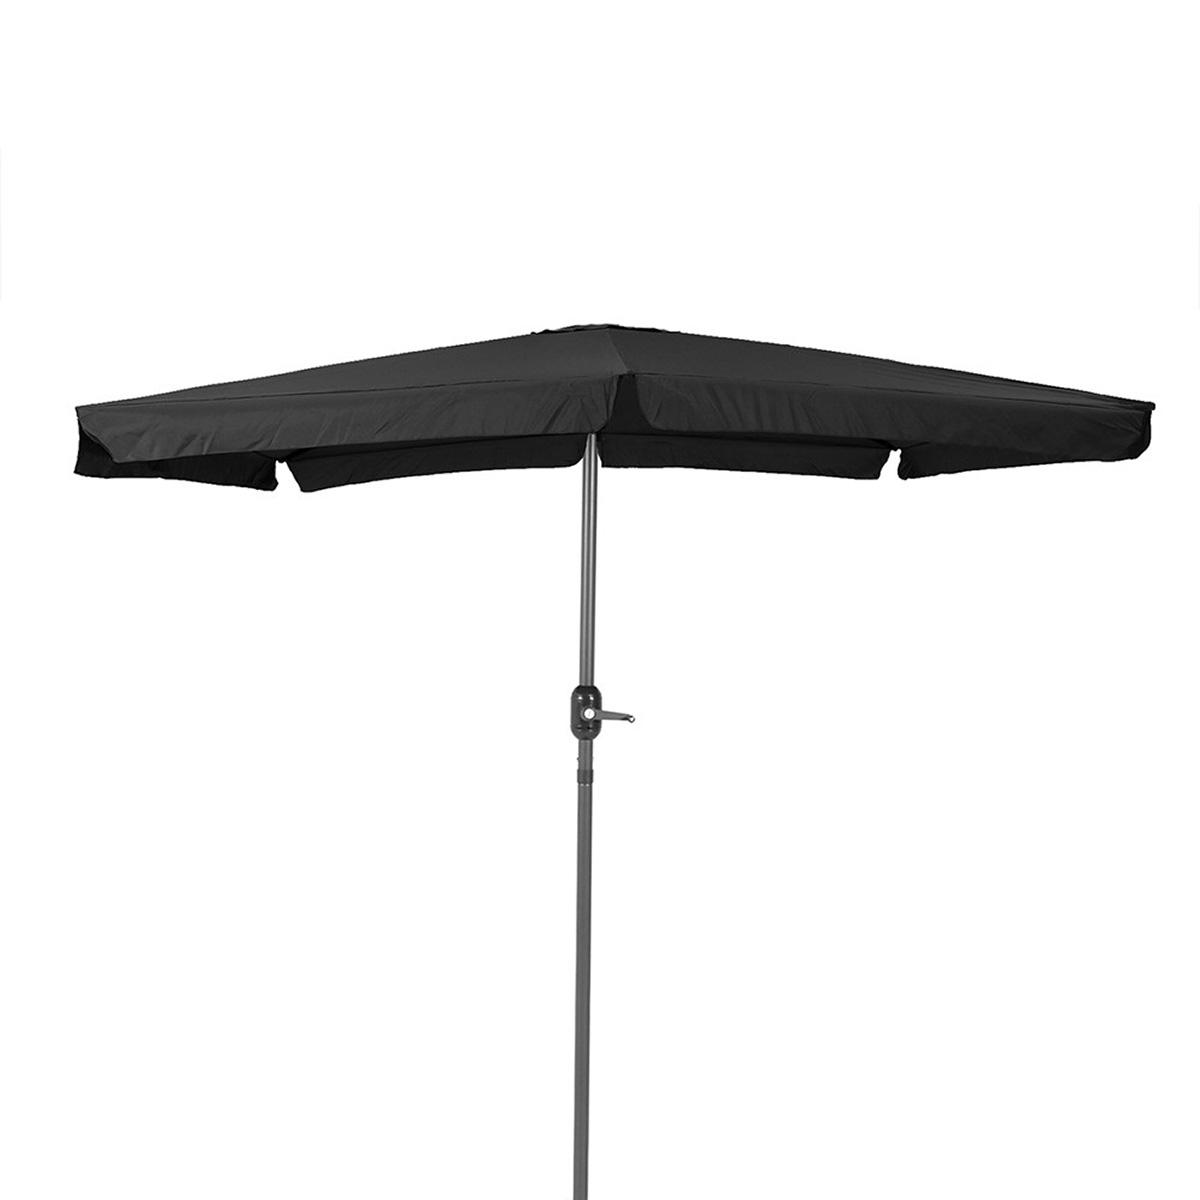 Parasol carré en aluminium - Gris - 250.00 cm x 250.00 cm